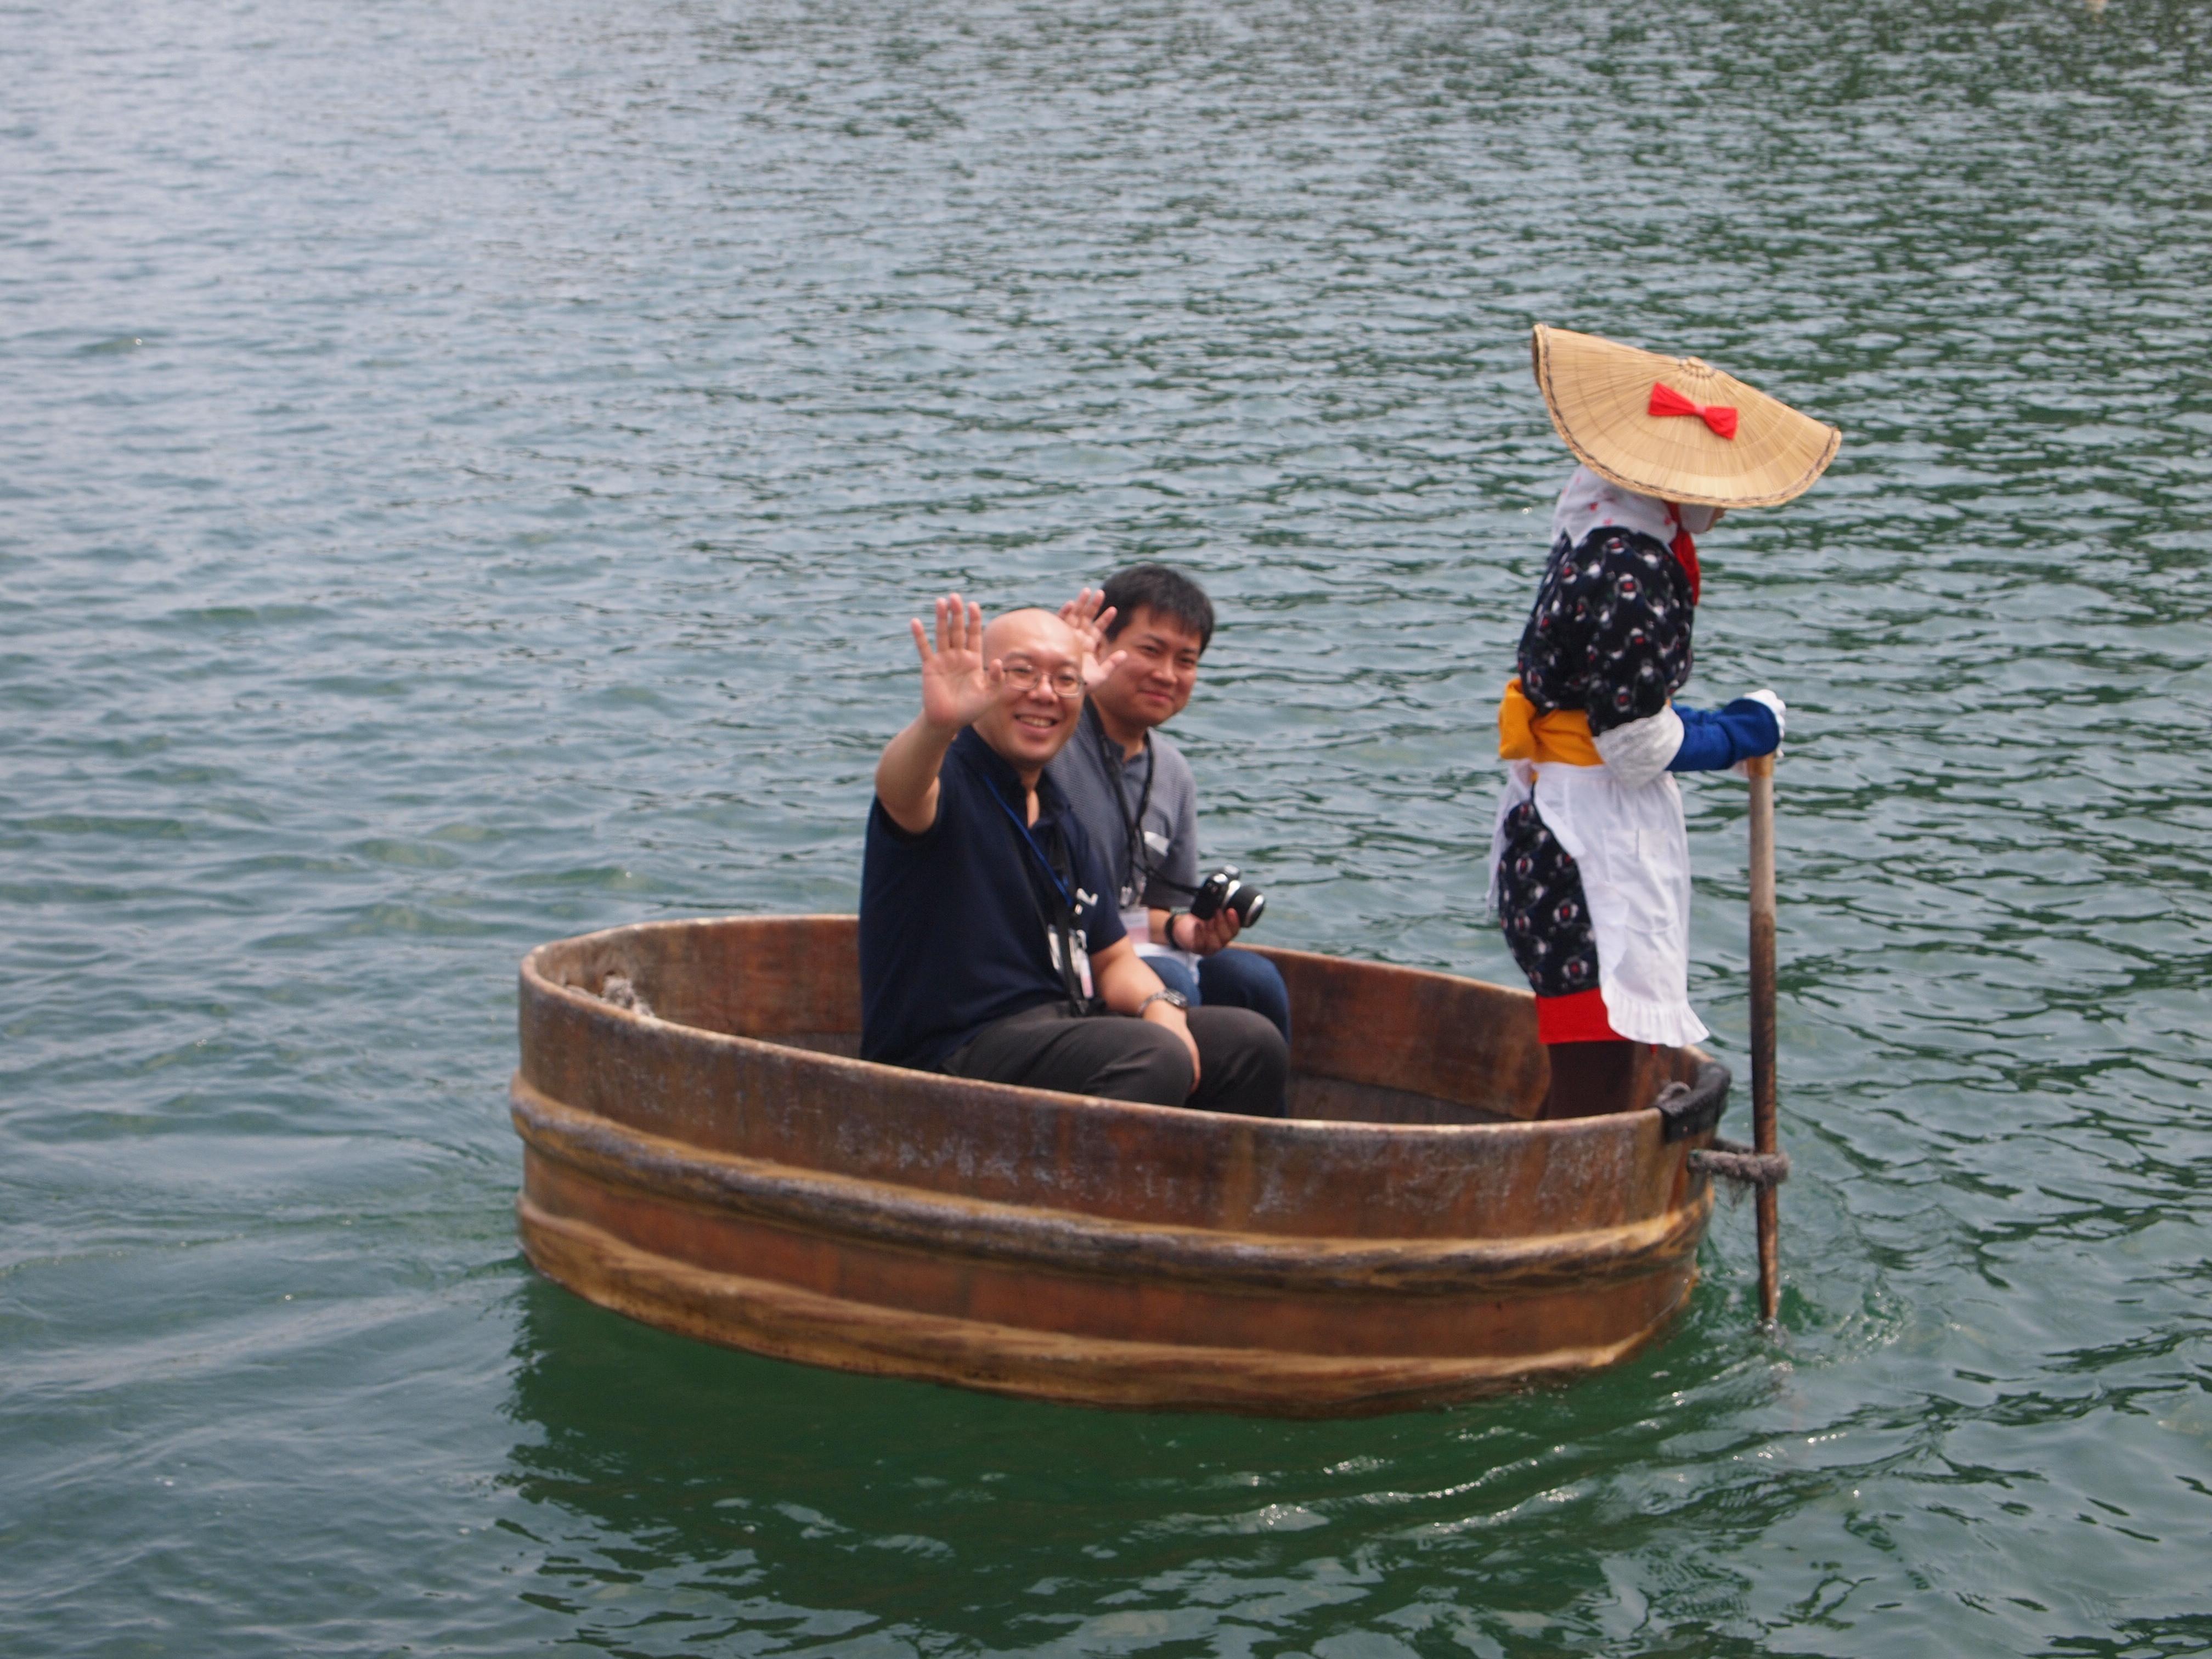 在小木港体验乘坐木盆舟收费500日圆(成人)及300日圆(儿童)。